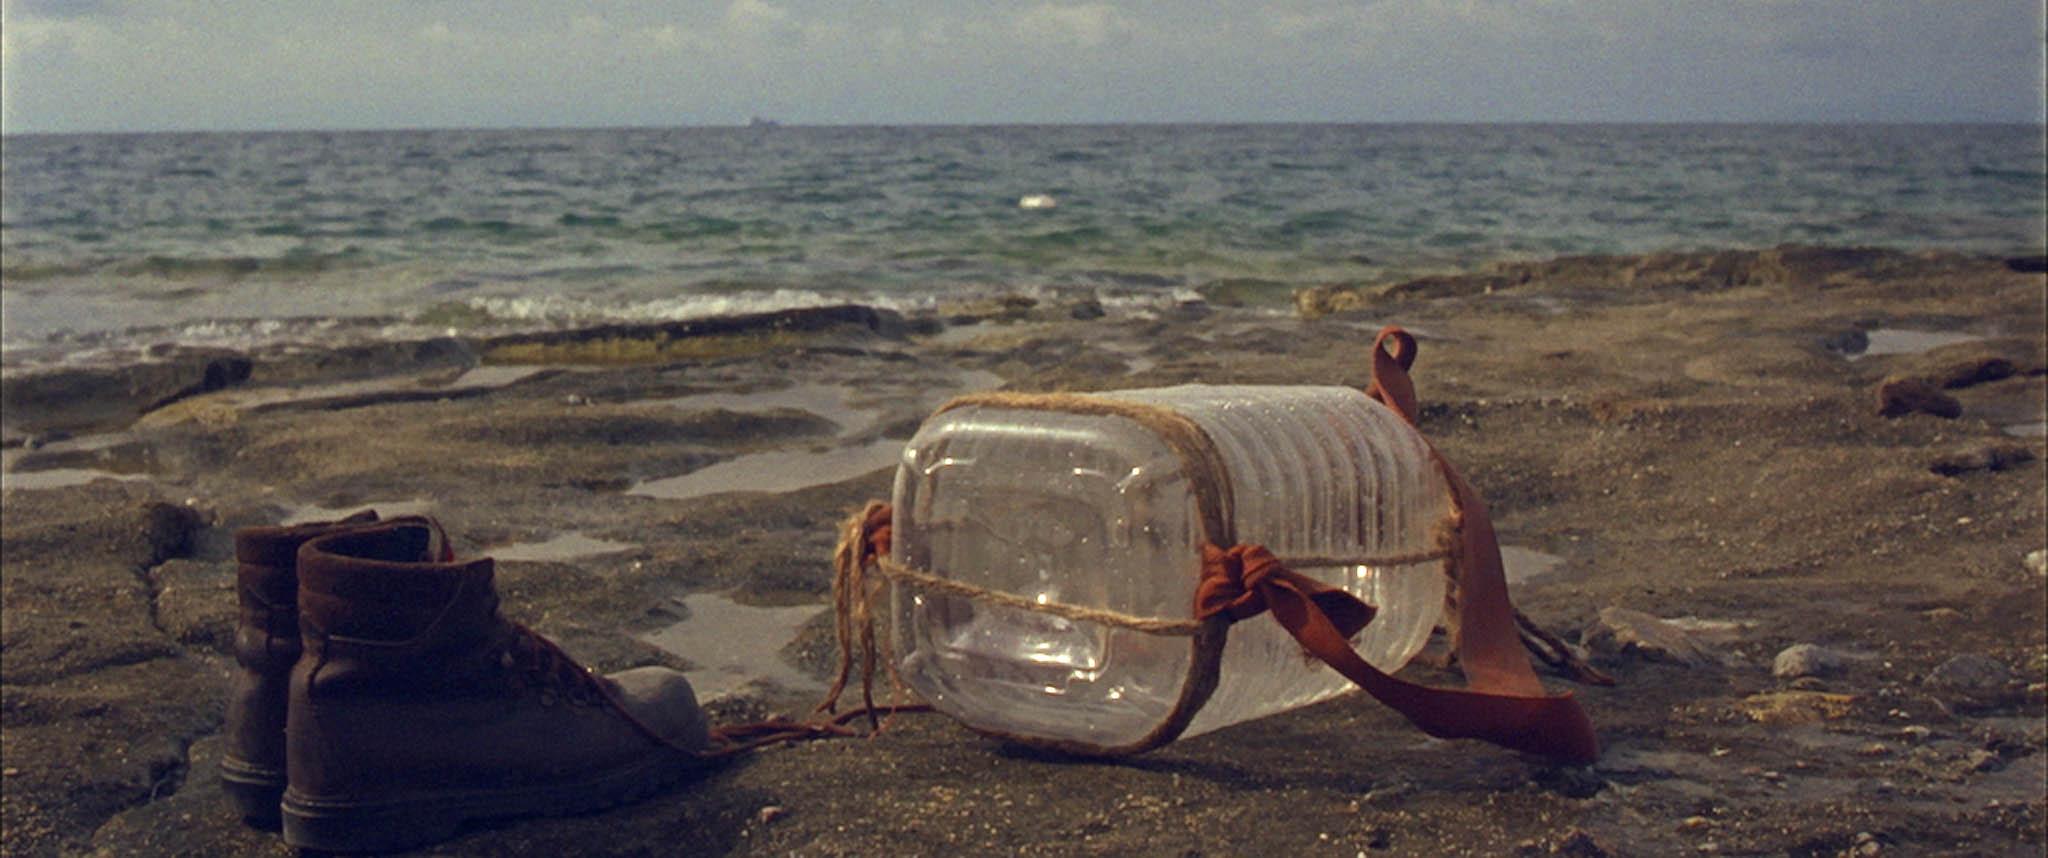 Σάββατο 1 Αυγούστου - Το βάρος της θάλασσας